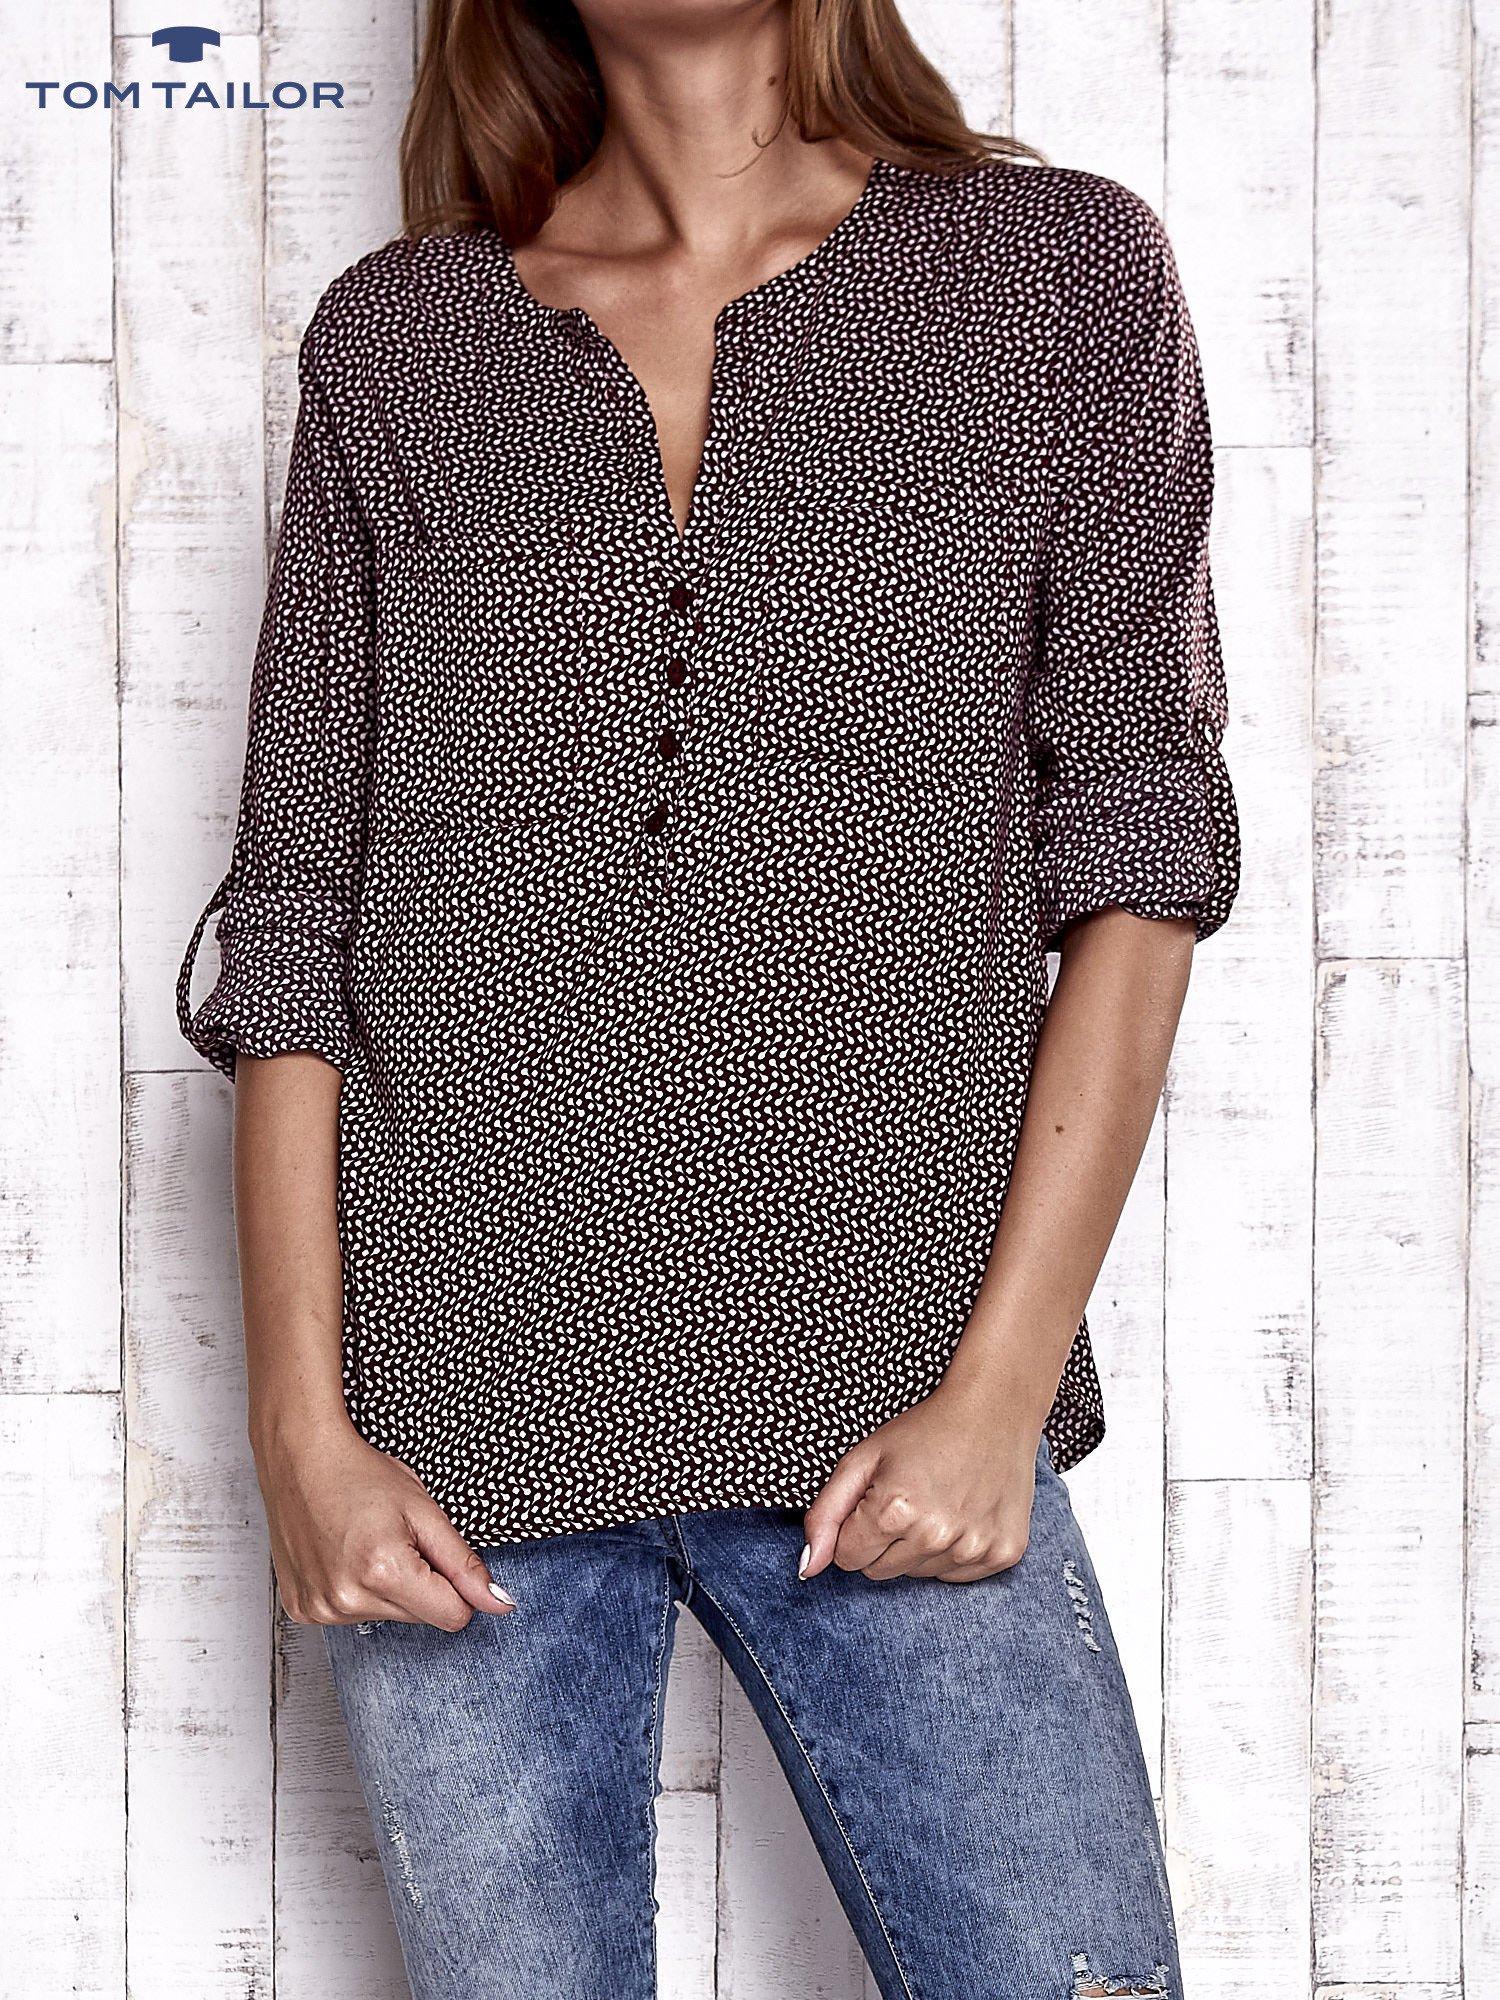 TOM TAILOR Bordowa koszula w drobne wzory                                  zdj.                                  2